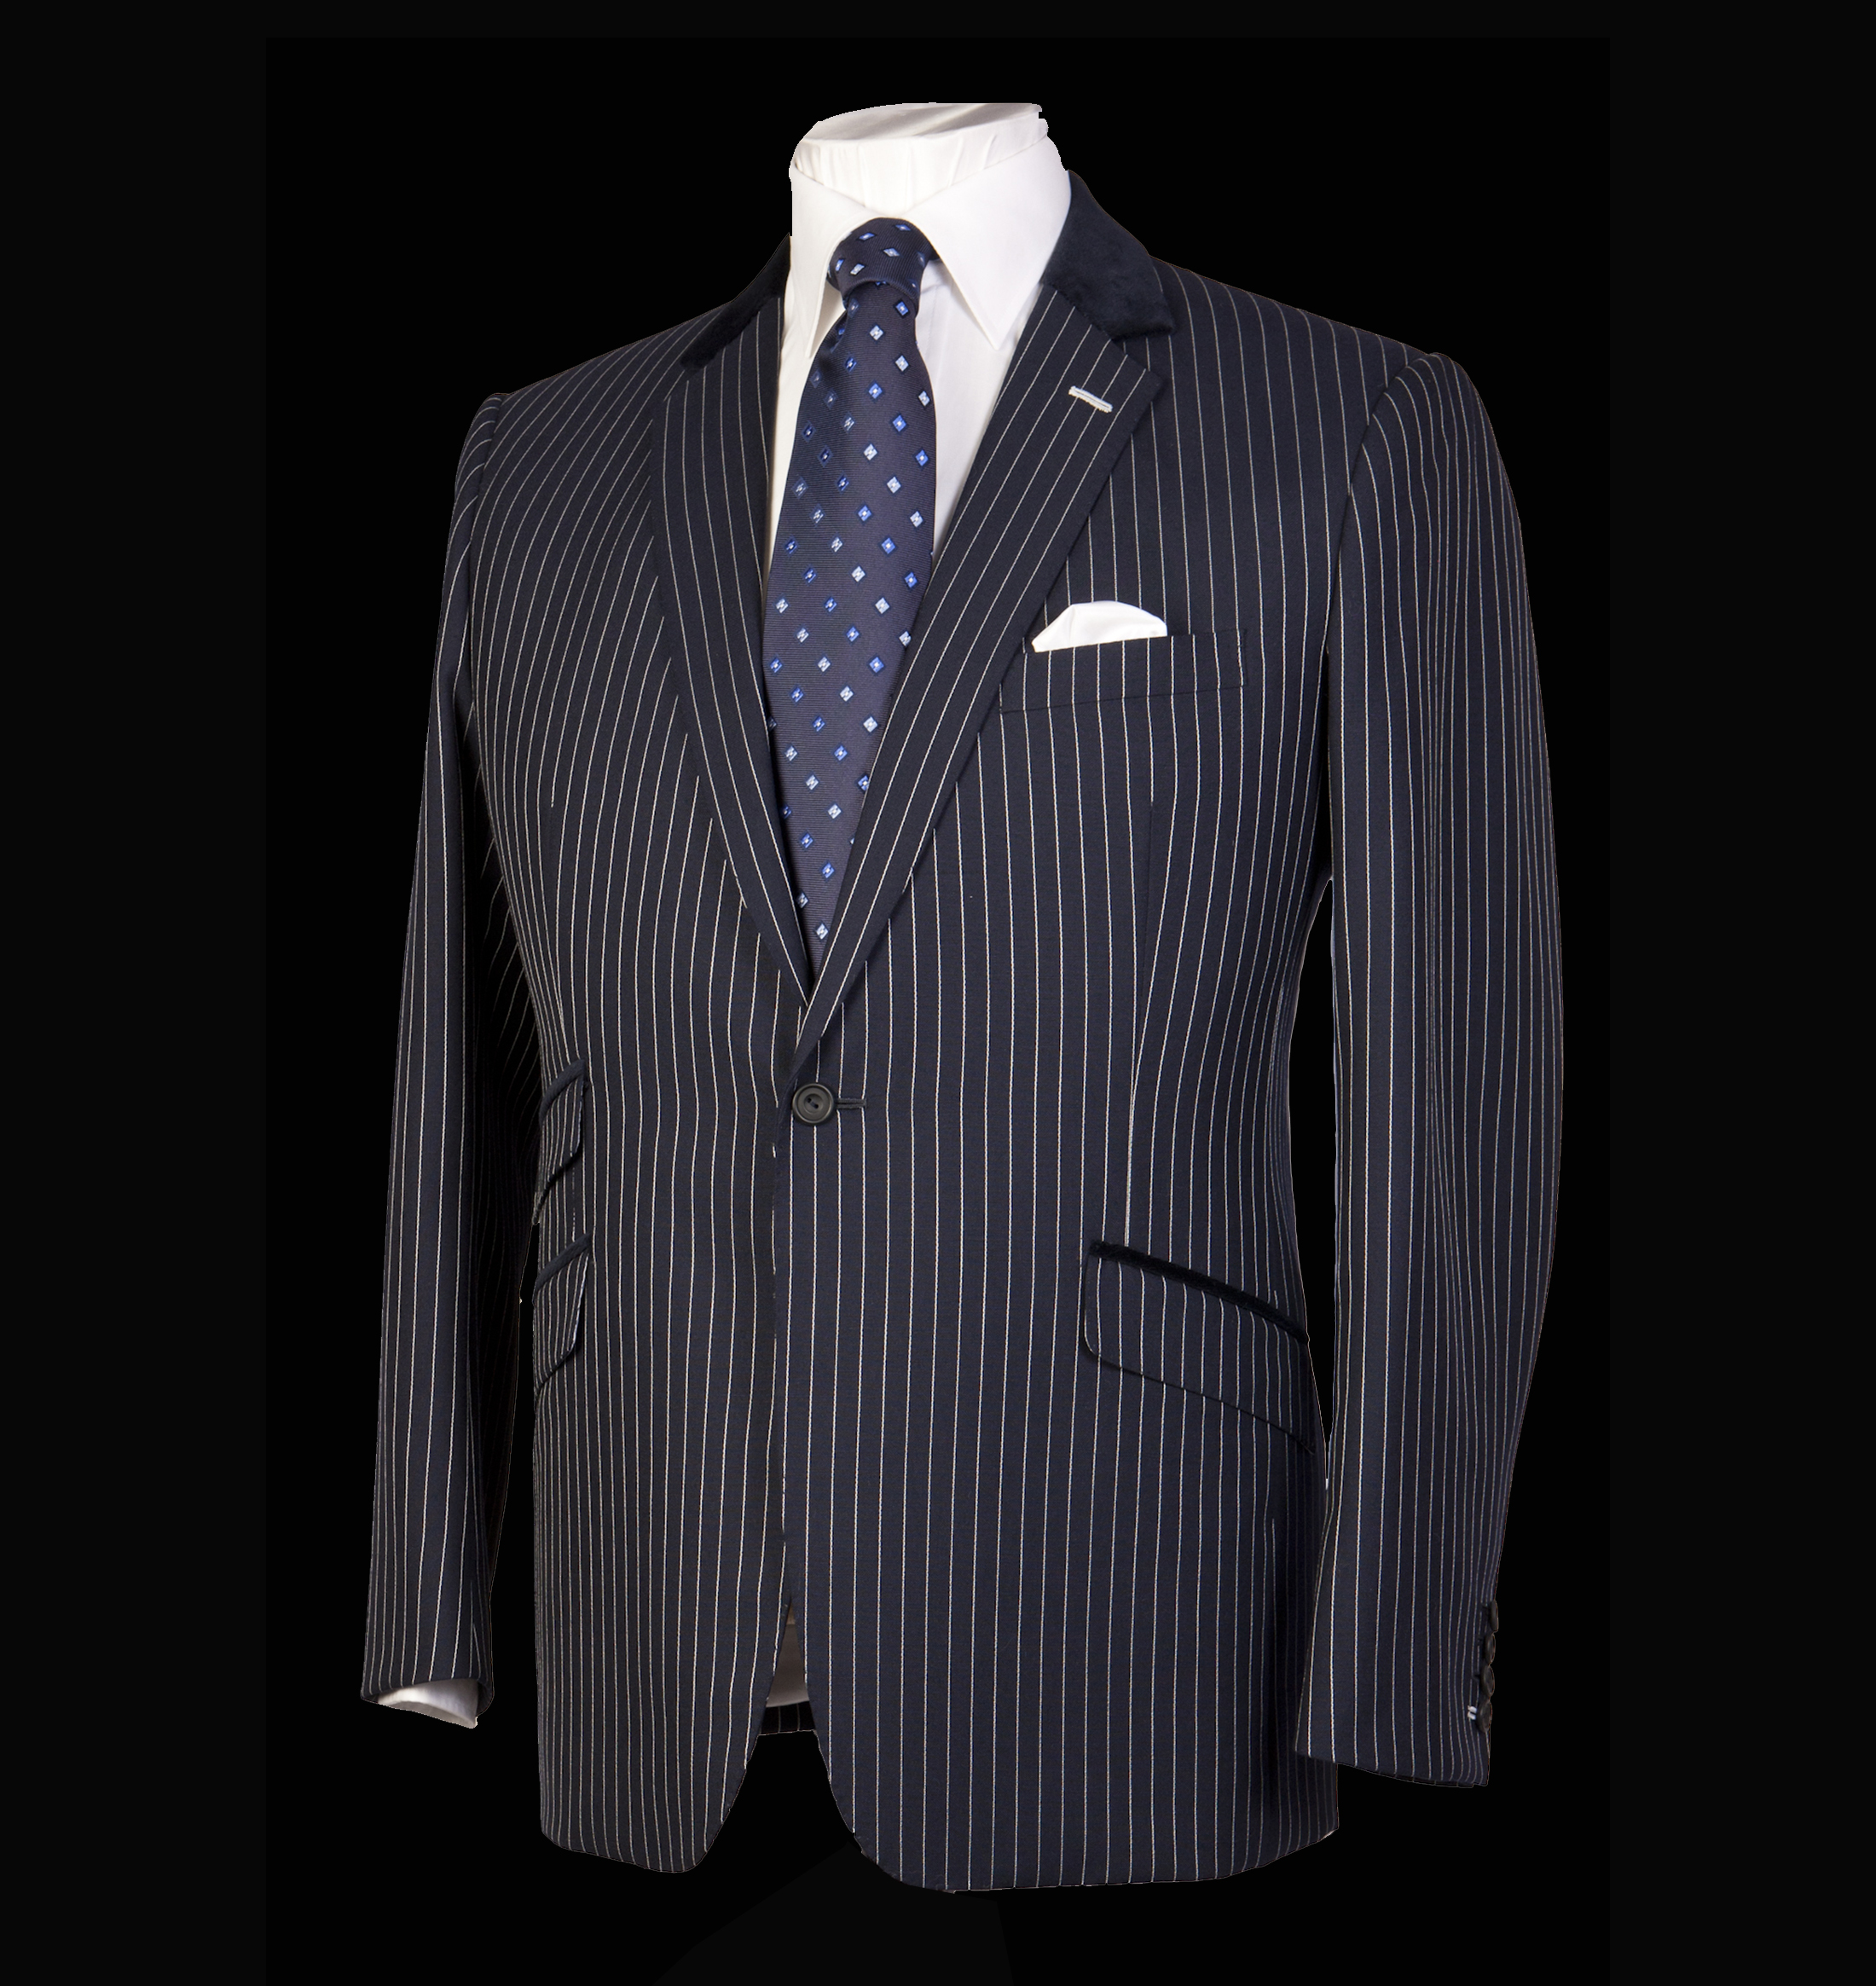 Bespoke Tailoring Pinstripe Jacket and Polkadot tie